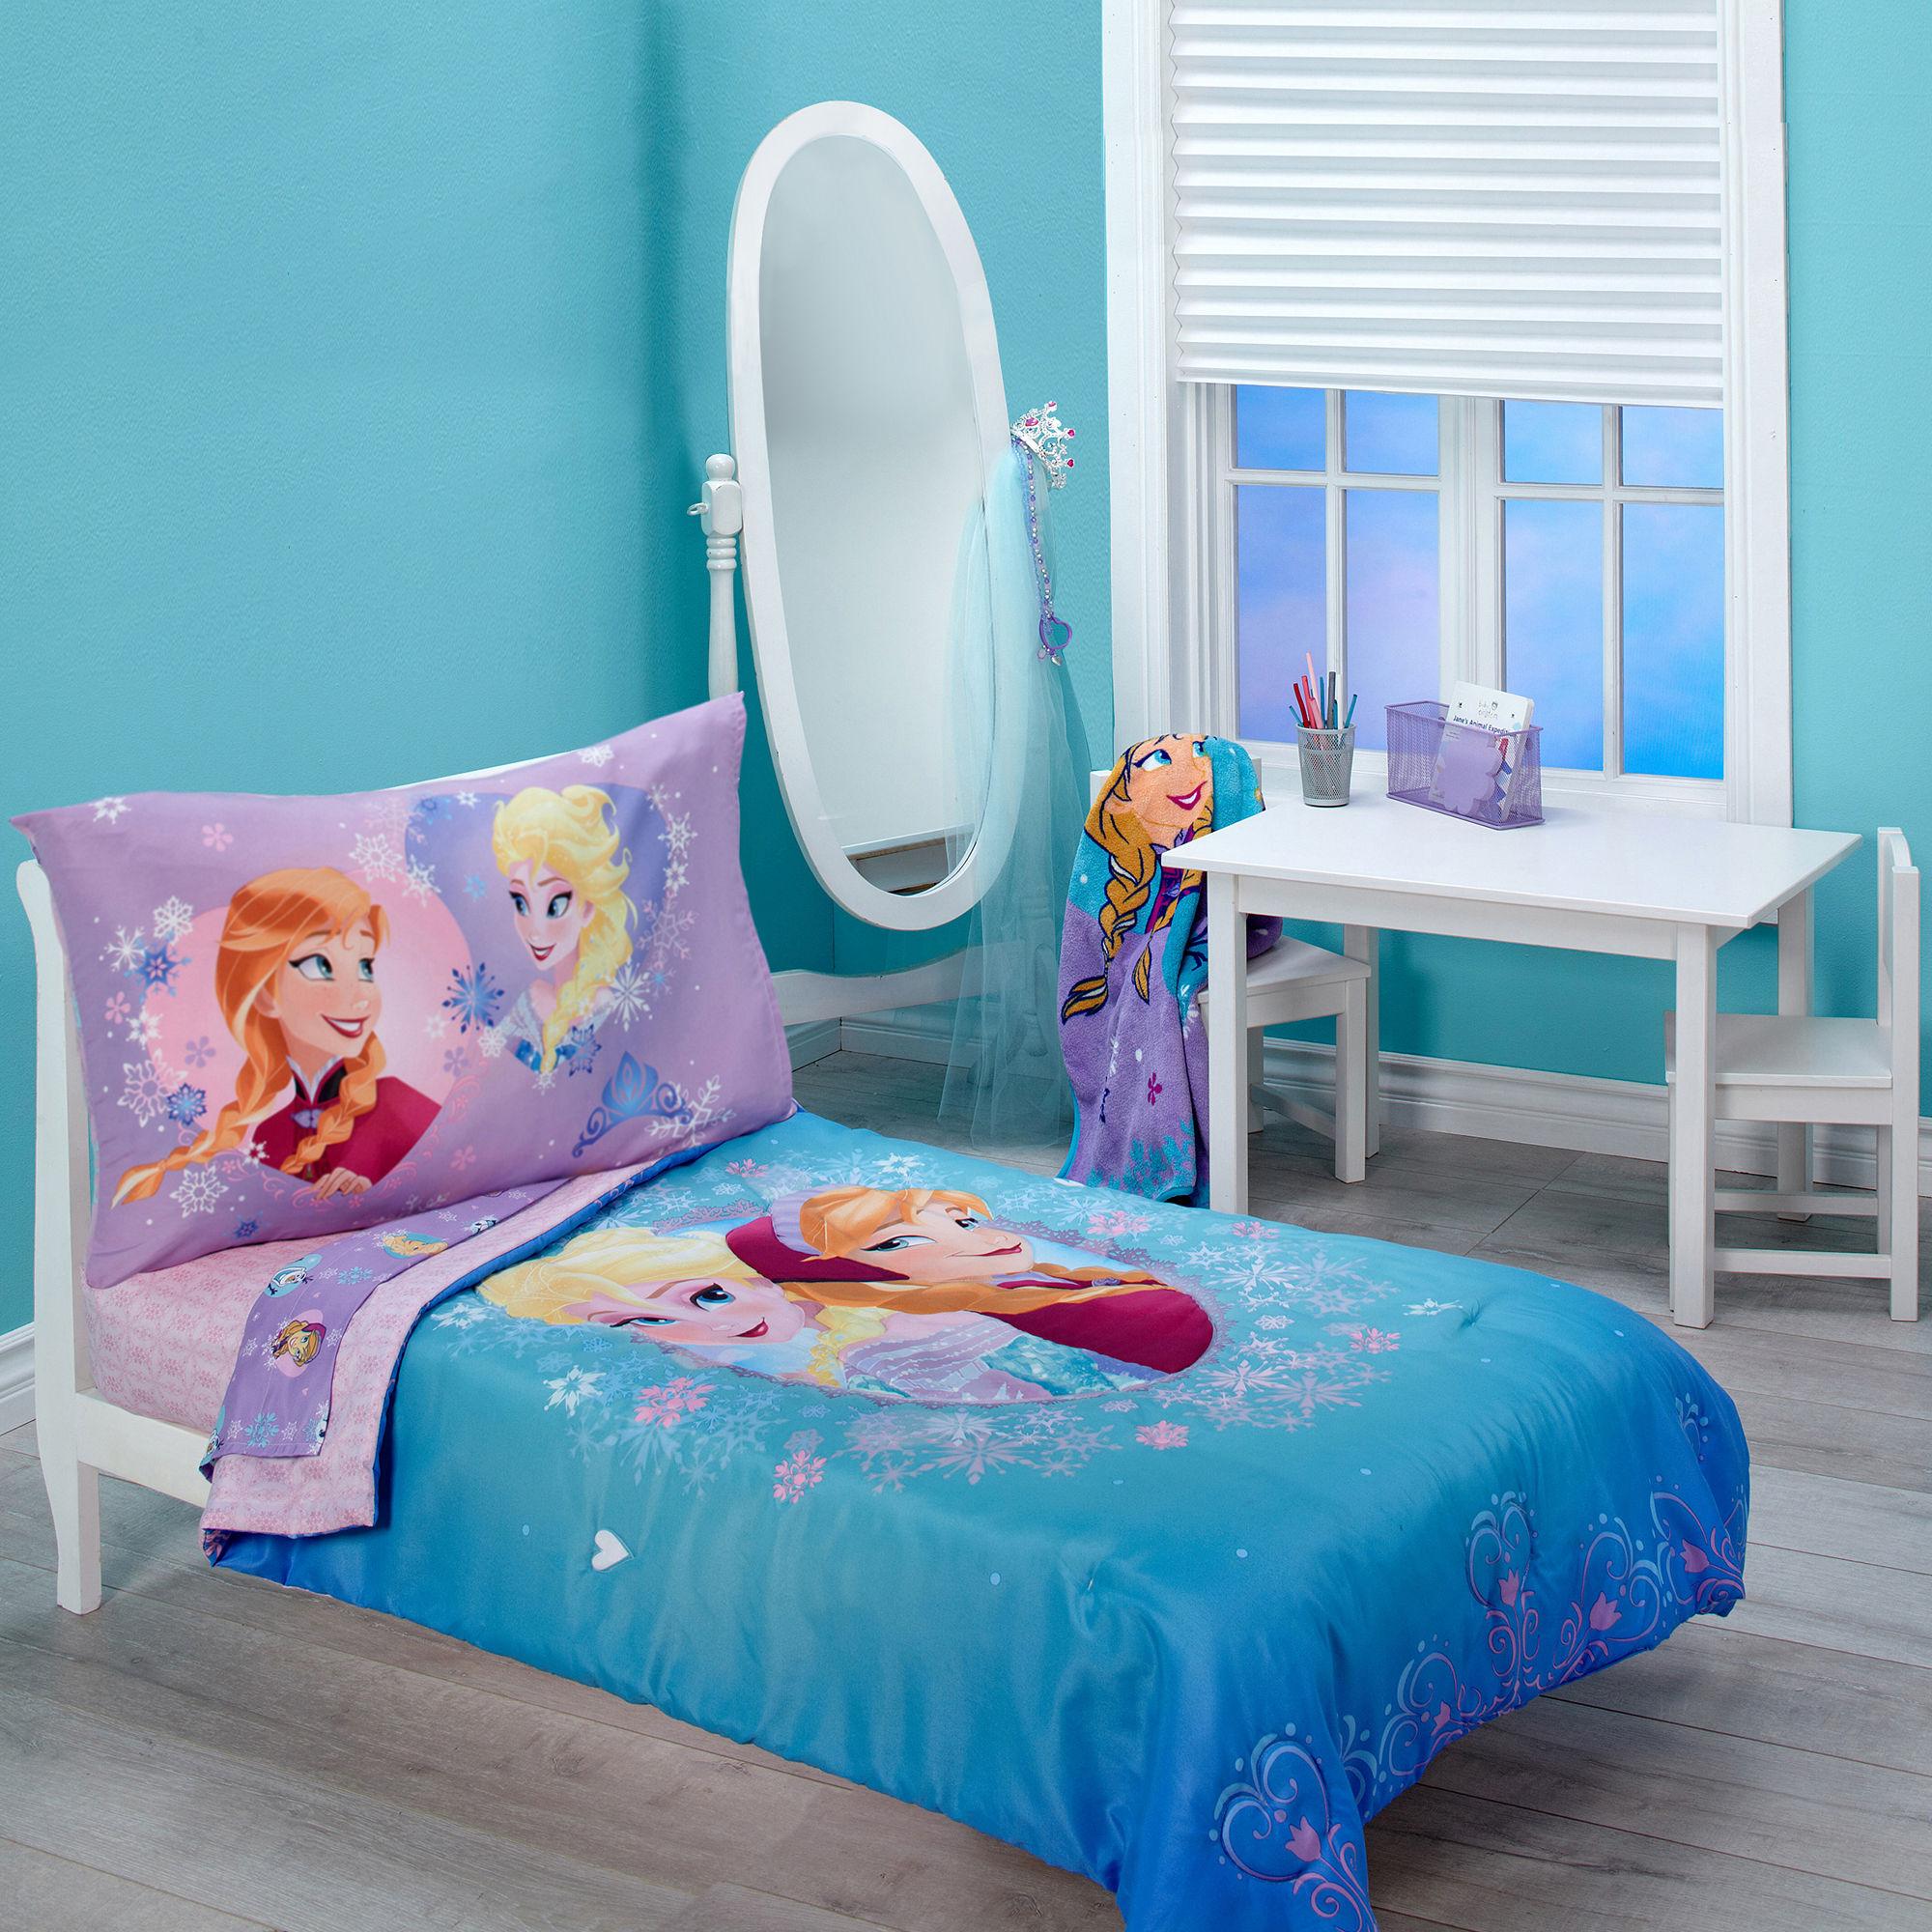 28 frozen toddler bed set walmart delta children s products